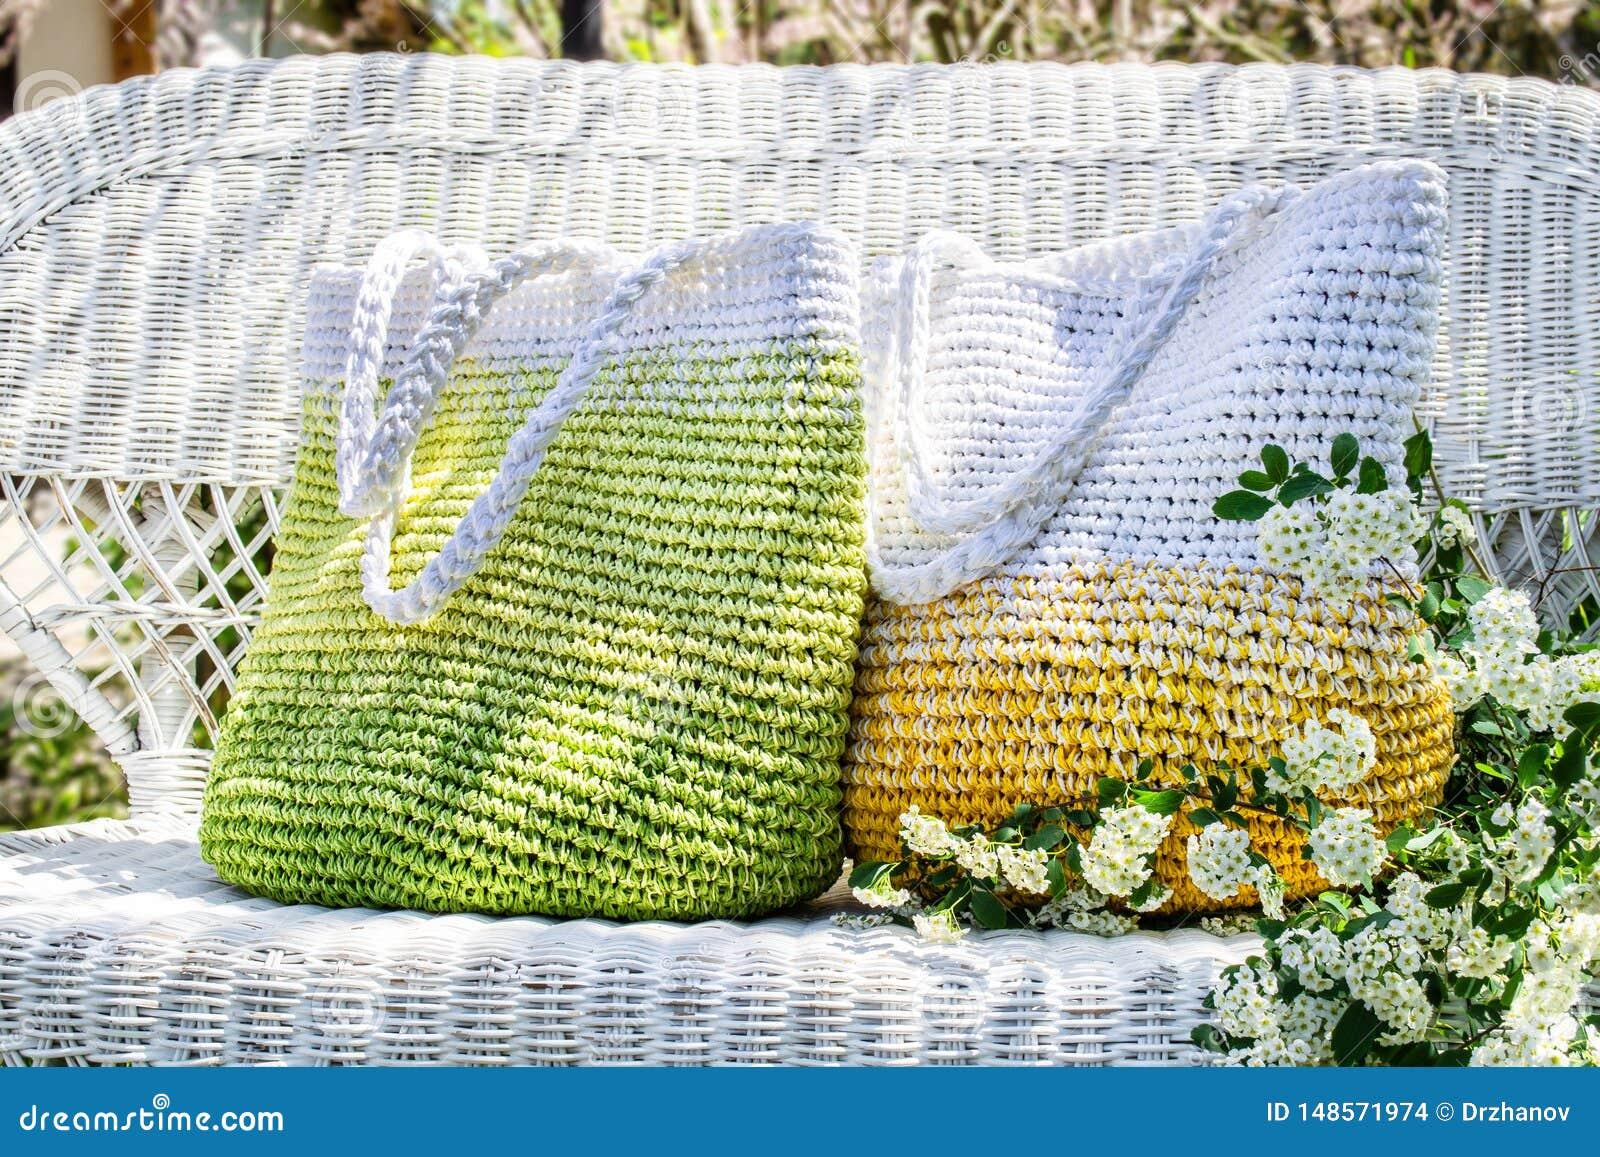 Dois fizeram malha sacos feitos à mão em estadas amarelas, verdes e brancas das cores no sofá de vime branco no jardim com spirea